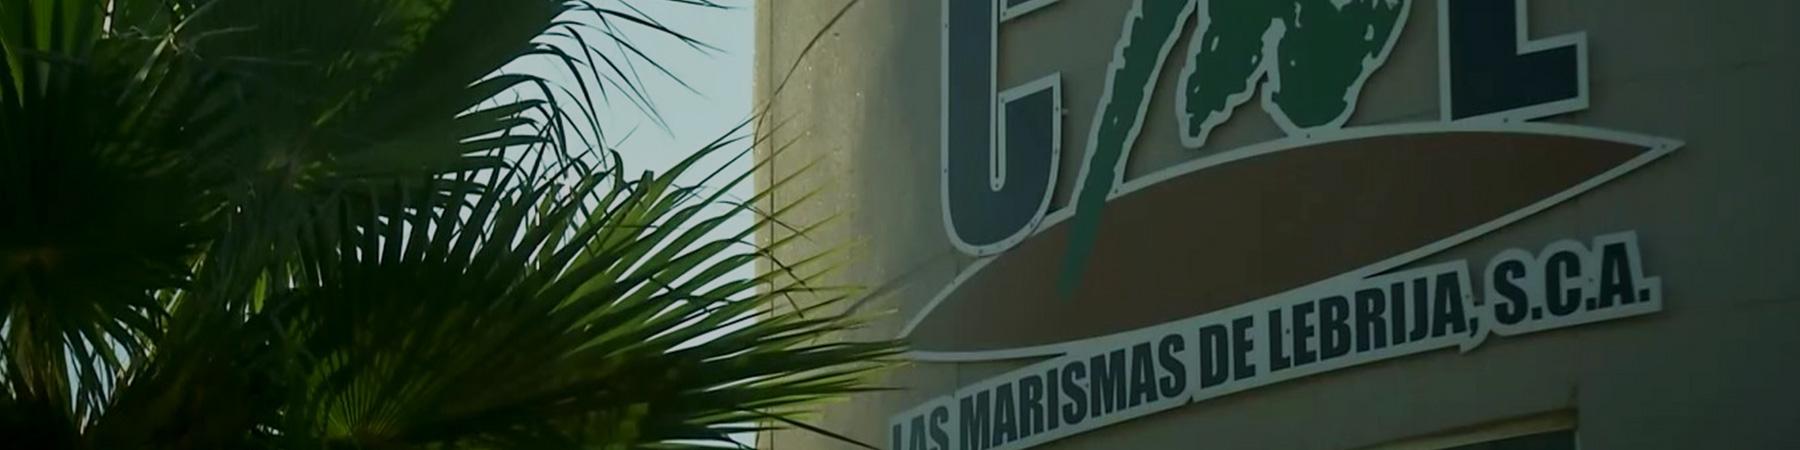 servicios Administrativos - Servicios Las Marismas de Lebrija